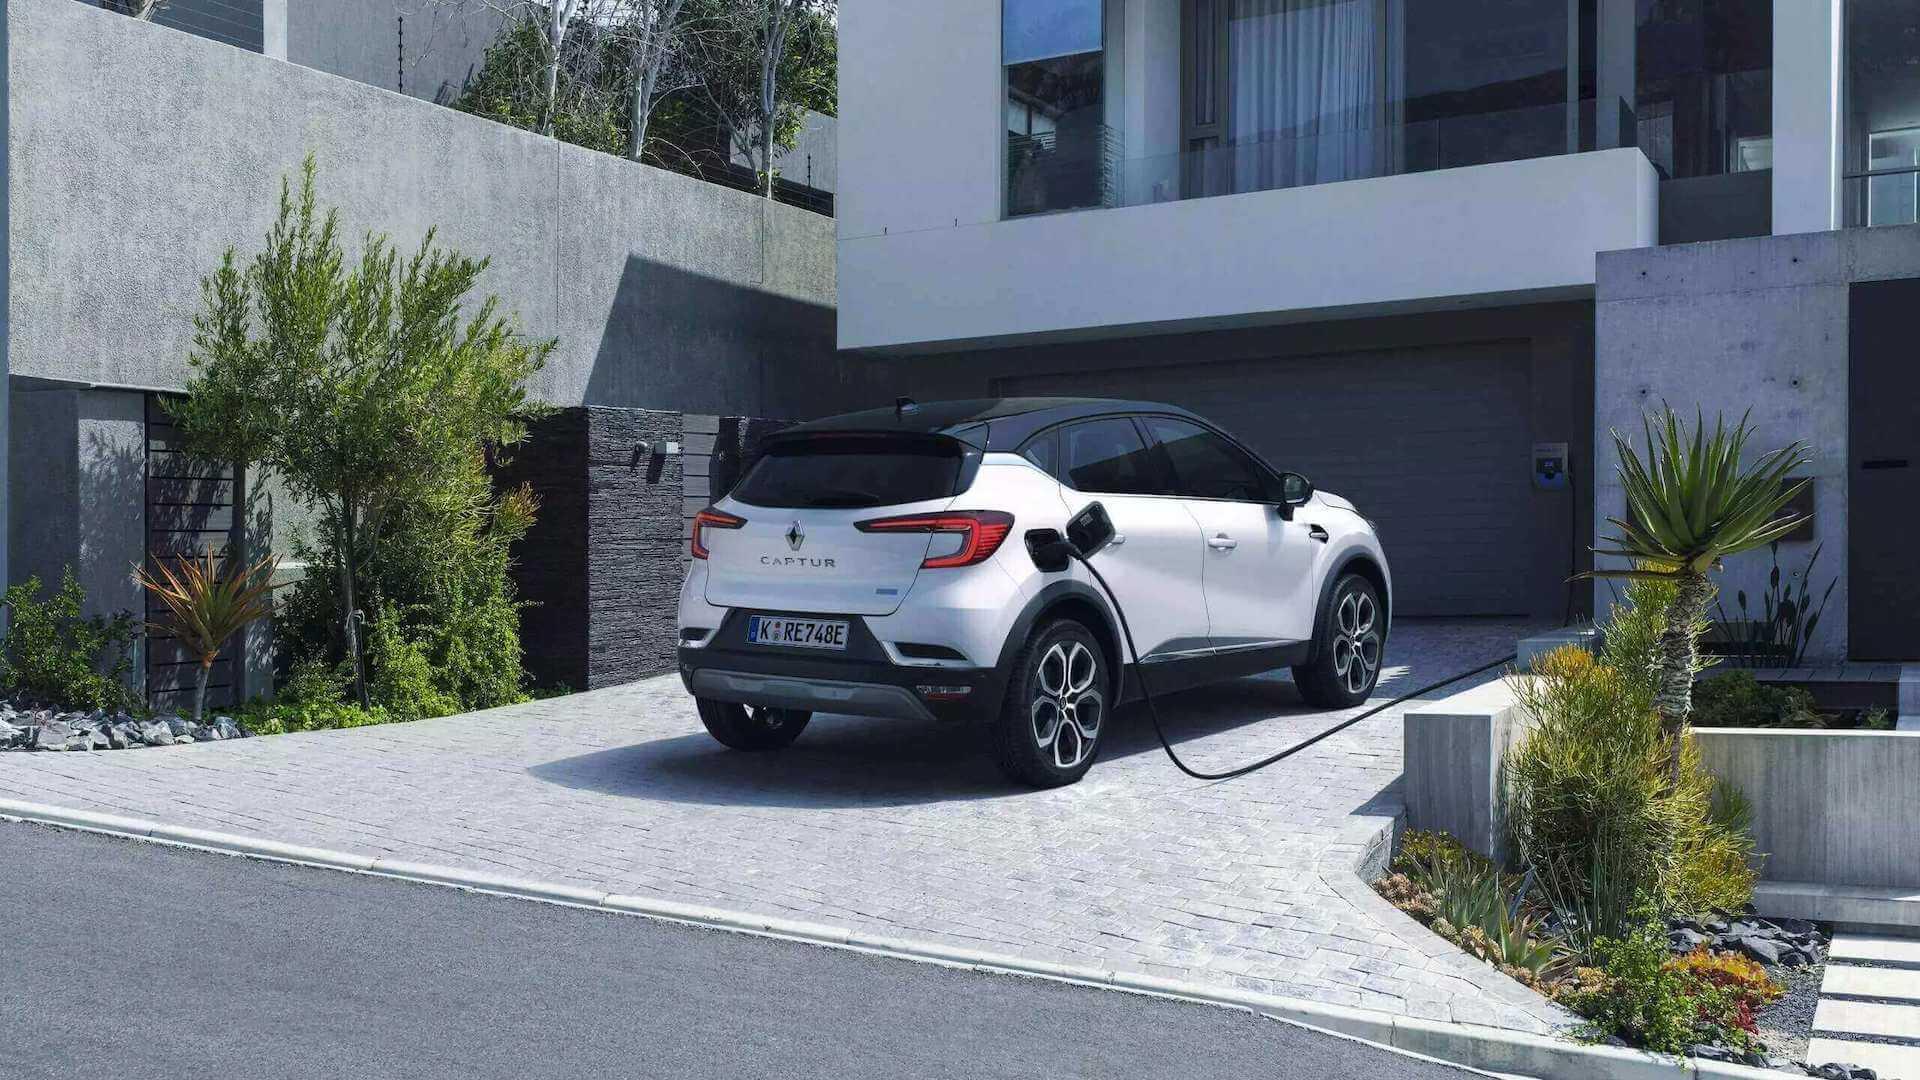 Auto wird auf einer Hausauffahrt geladen - Renault Captur - Renault Ahrens Hannover